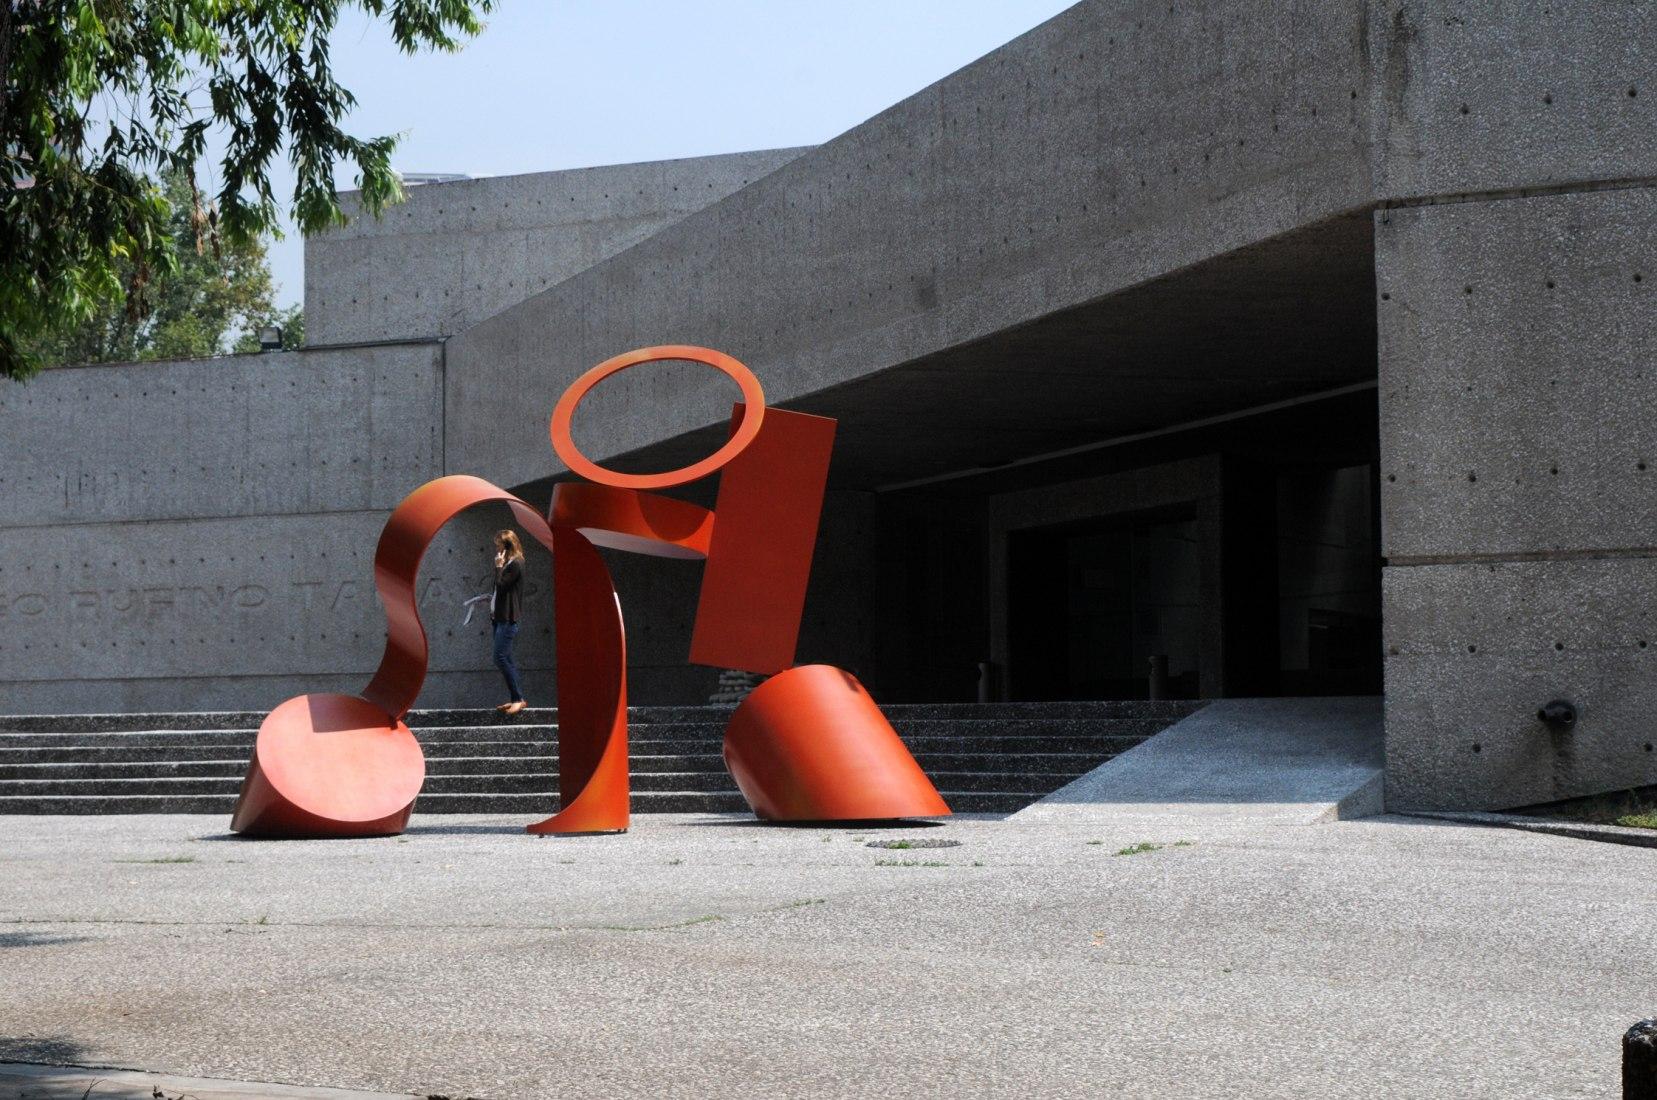 Museo Tamayo Arte Contemporáneo construído en 1981 por Teodoro González de León y Abraham Zabludovsky. Bosque de Chapultepec, México DF. Imagen cortesía de la Secretaría de Cultura de México